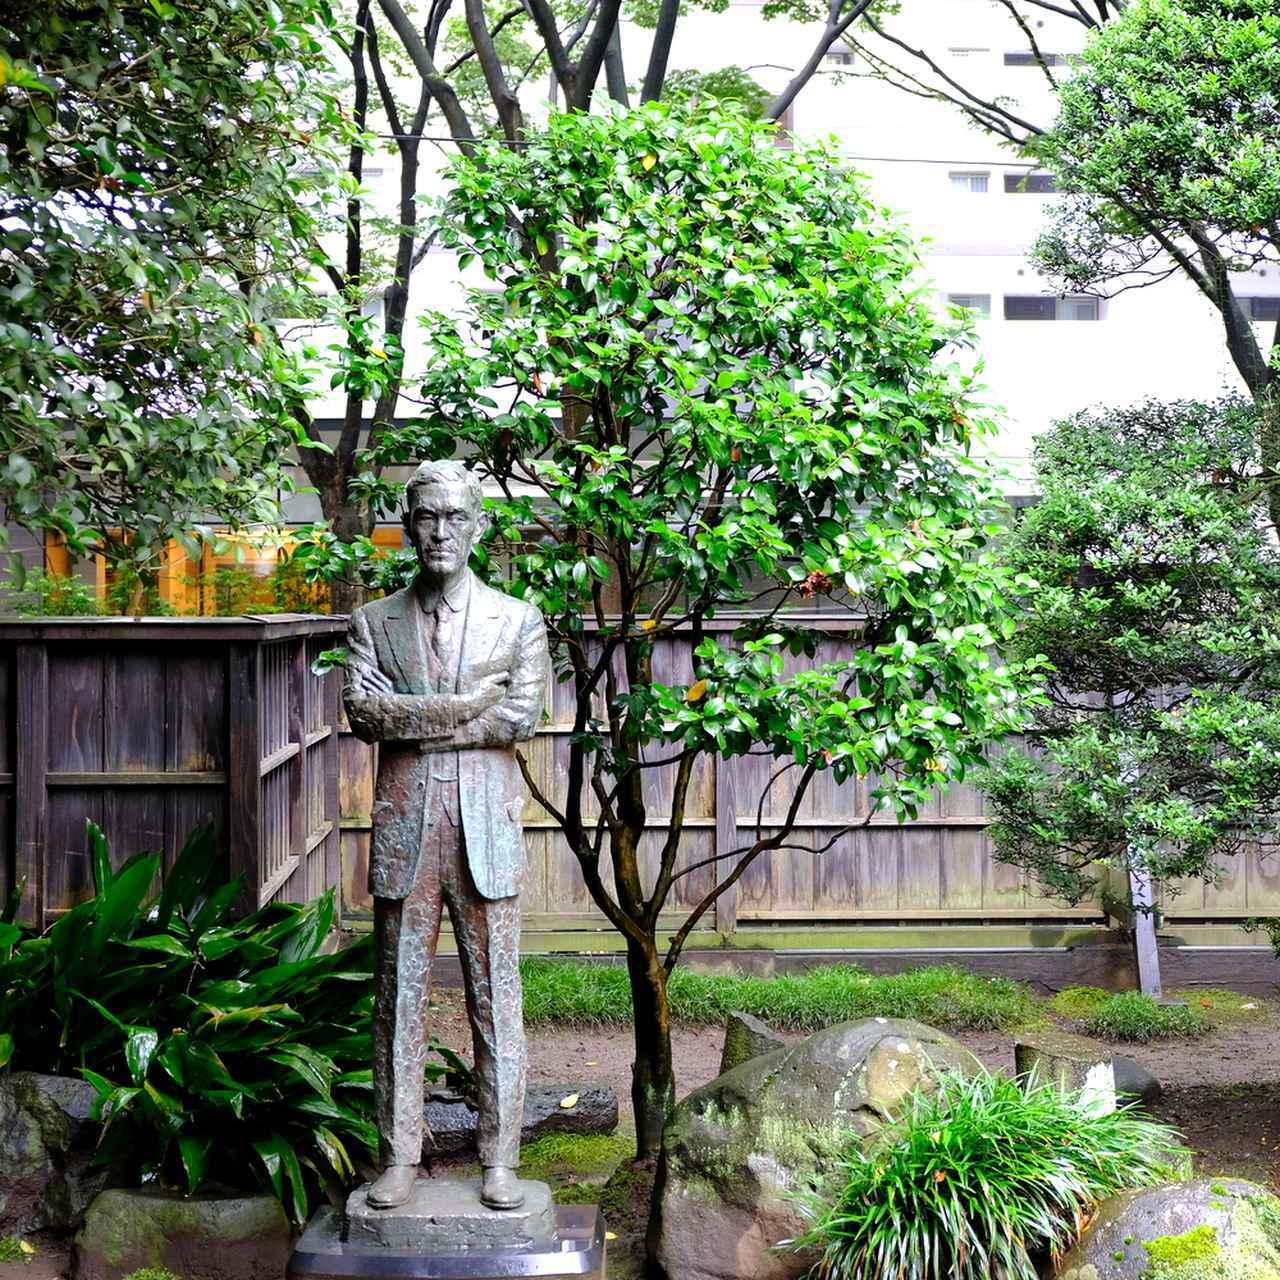 画像: 和風庭園には土井晩翠像。土井晩翠は東京帝国大学(現・東京大学)英文科へ進学。その後3年間のヨーロッパ留学を経て仙台へ戻ってきました。その時晩翠は34歳、80歳で亡くなるまで仙台で過ごしました。